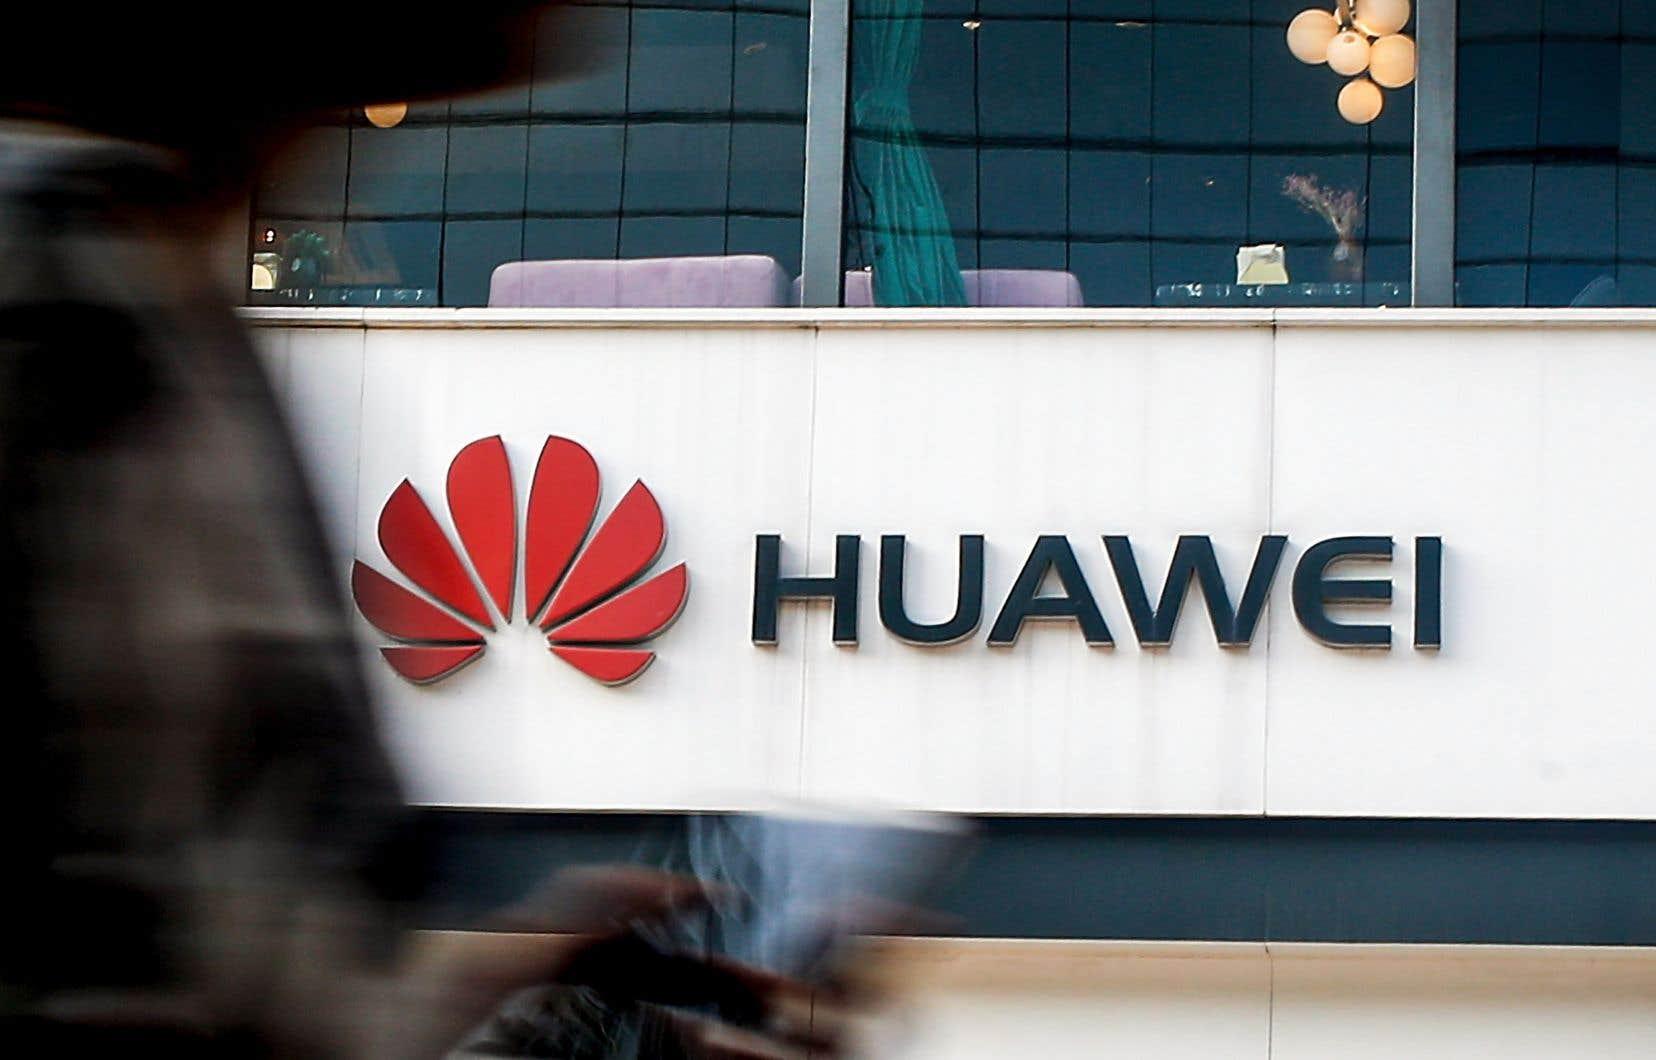 Huawei a indiqué avoir signé 50 contrats commerciaux pour la 5G avec principalement des clients européens et qu'il poursuivra, voire augmentera, ses investissements dans la nouvelle génération de réseau sans fil.